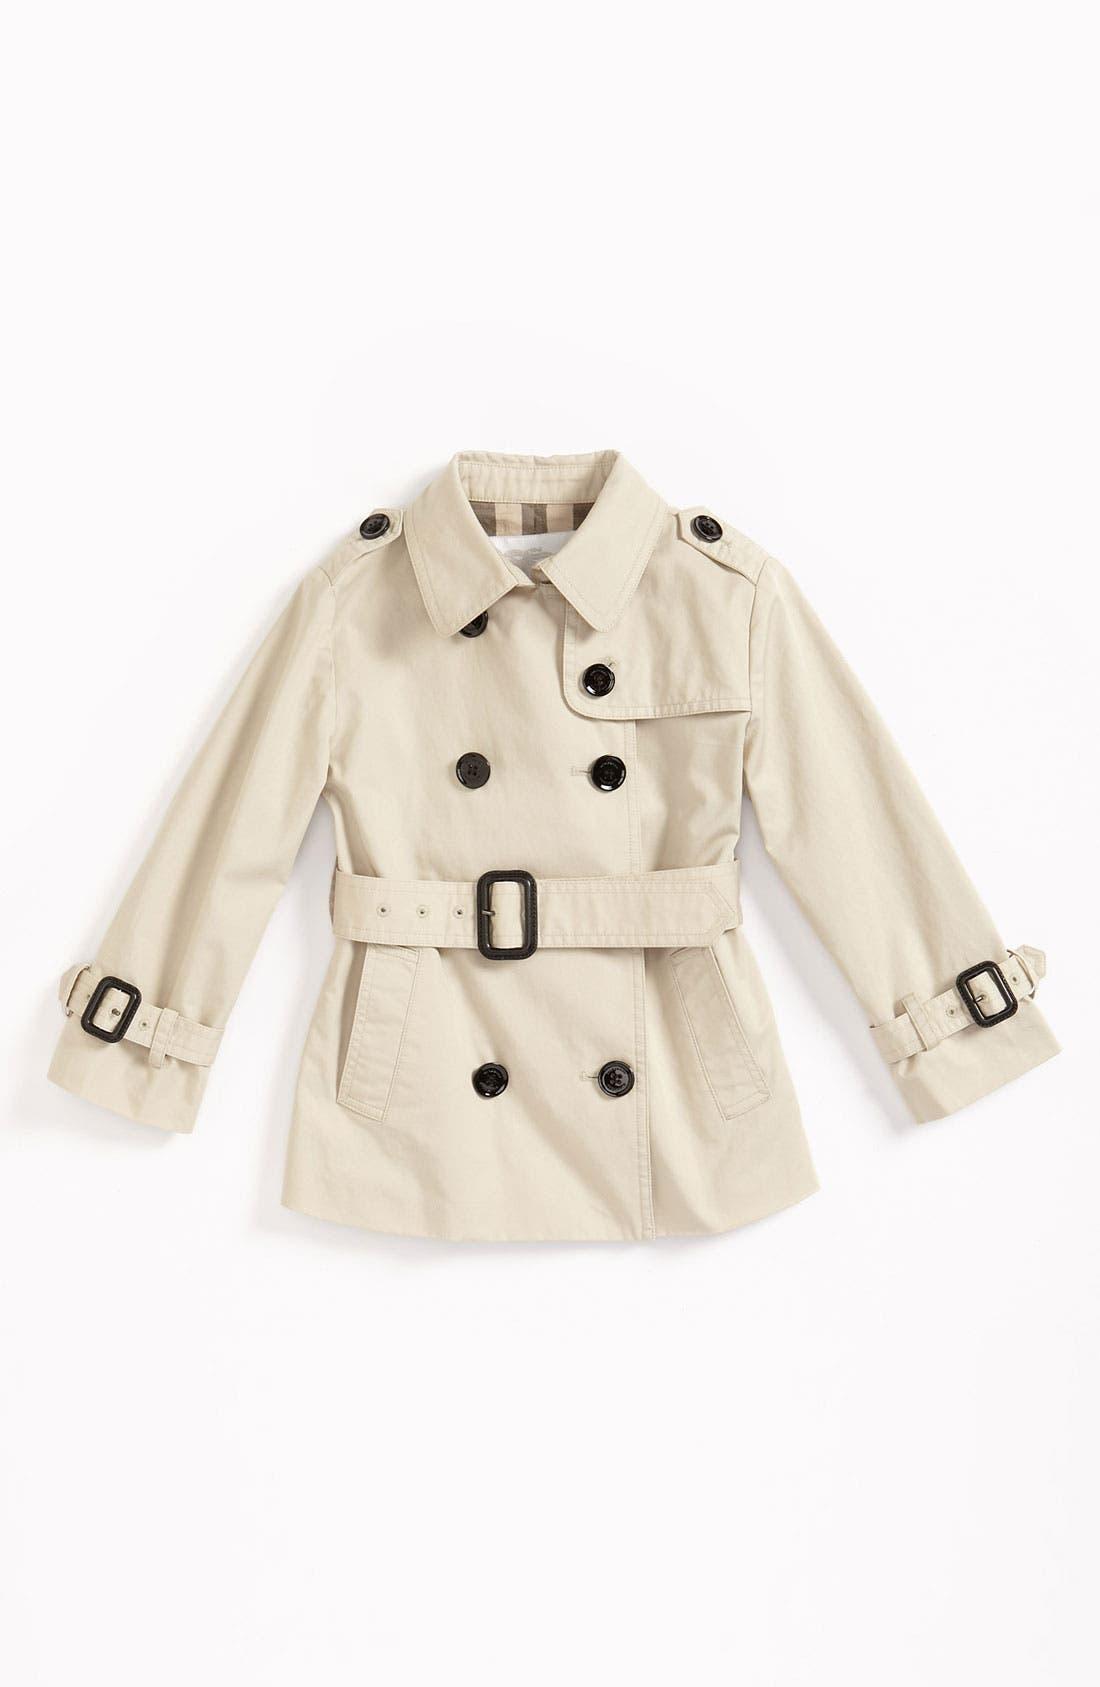 Alternate Image 1 Selected - Burberry Belted Jacket (Toddler)